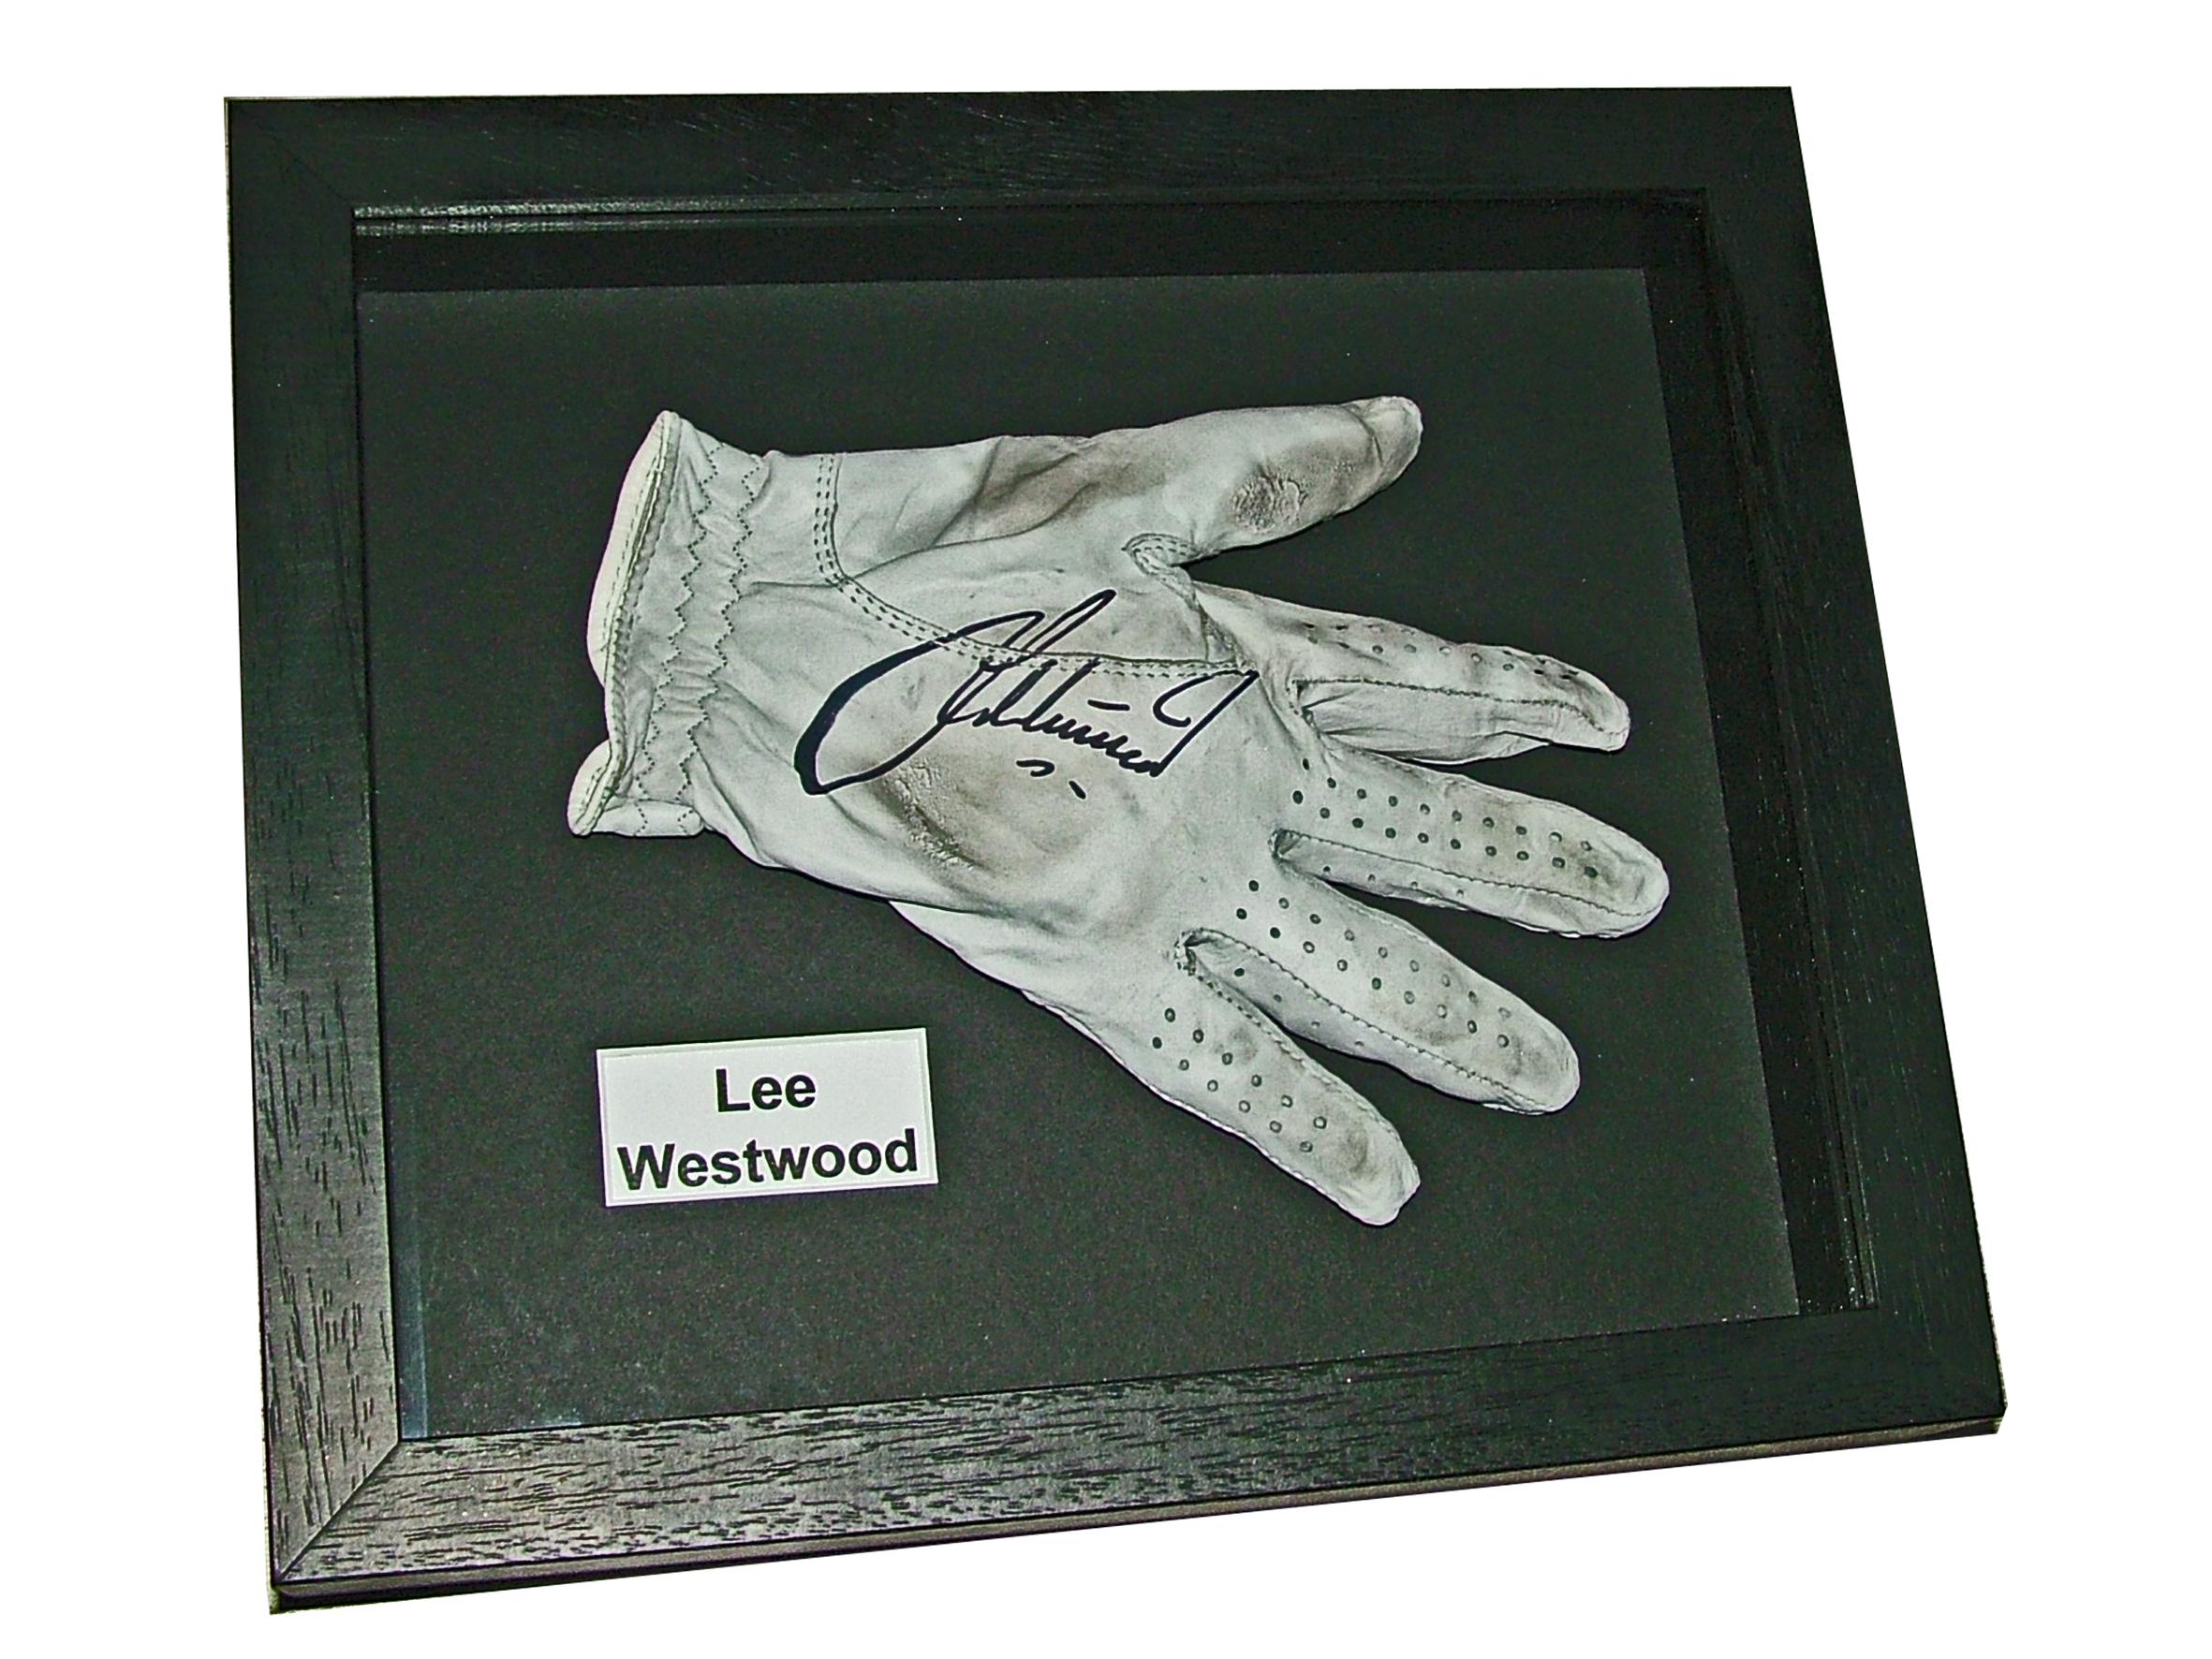 lee-westwood-glove-framed-2